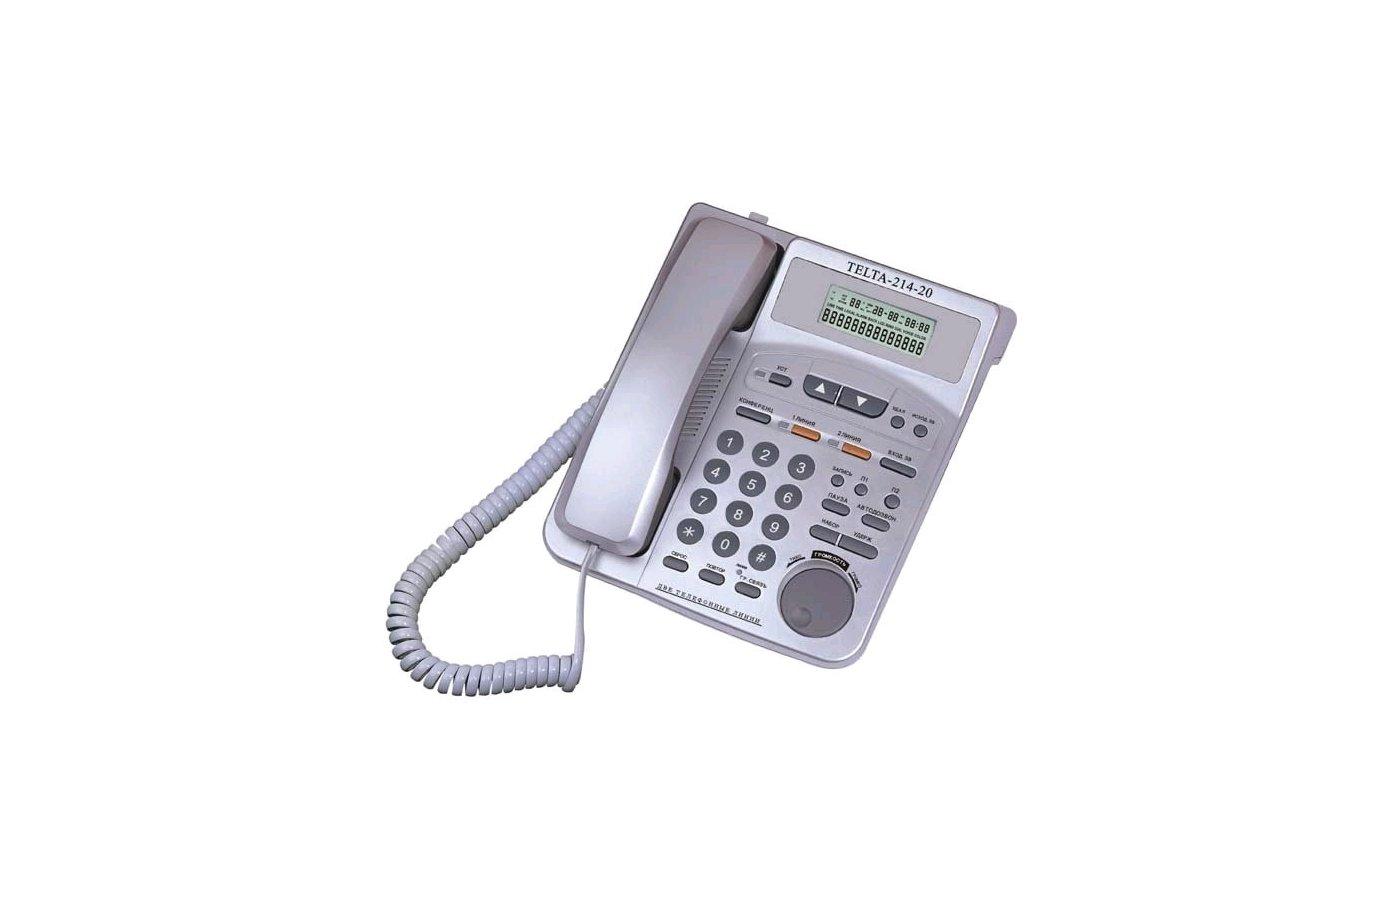 Проводной телефон ТЕЛТА-214-20